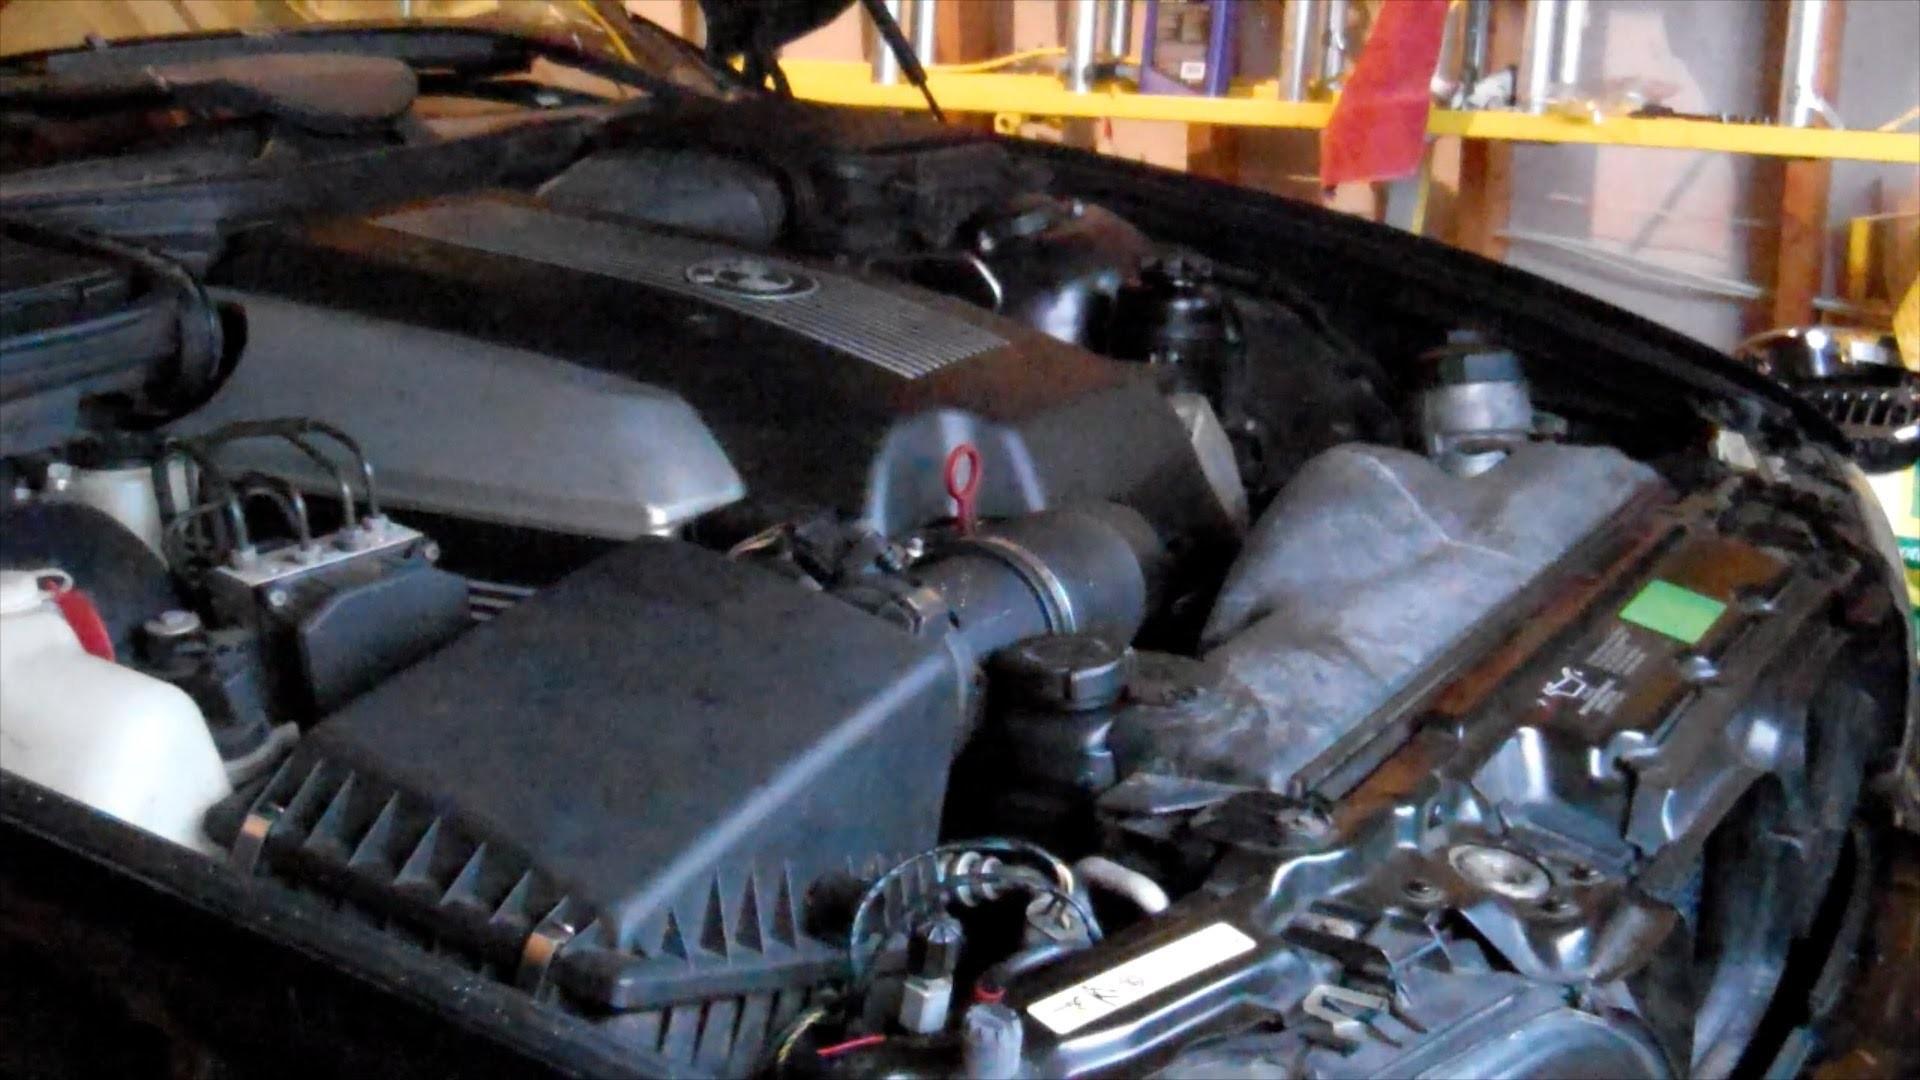 2000 Bmw 528i Engine Diagram E39 5 Series Battery Replacement 540i E38 740i M62 Camshaft Position Sensor Diy Of